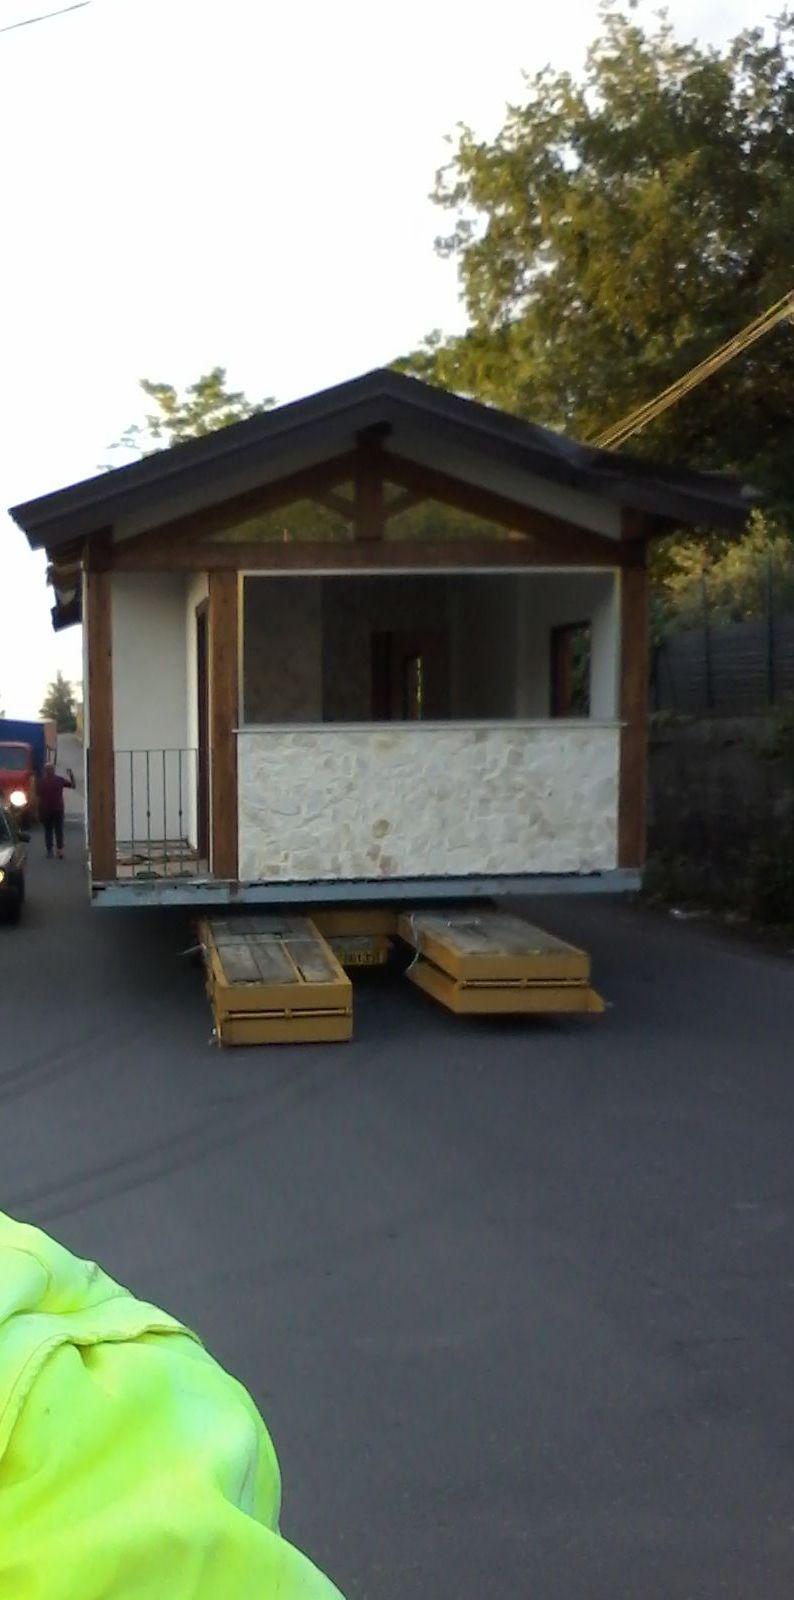 Vendita case mobili bungalow casa ecolegno for Piani di casa del bungalow del sud